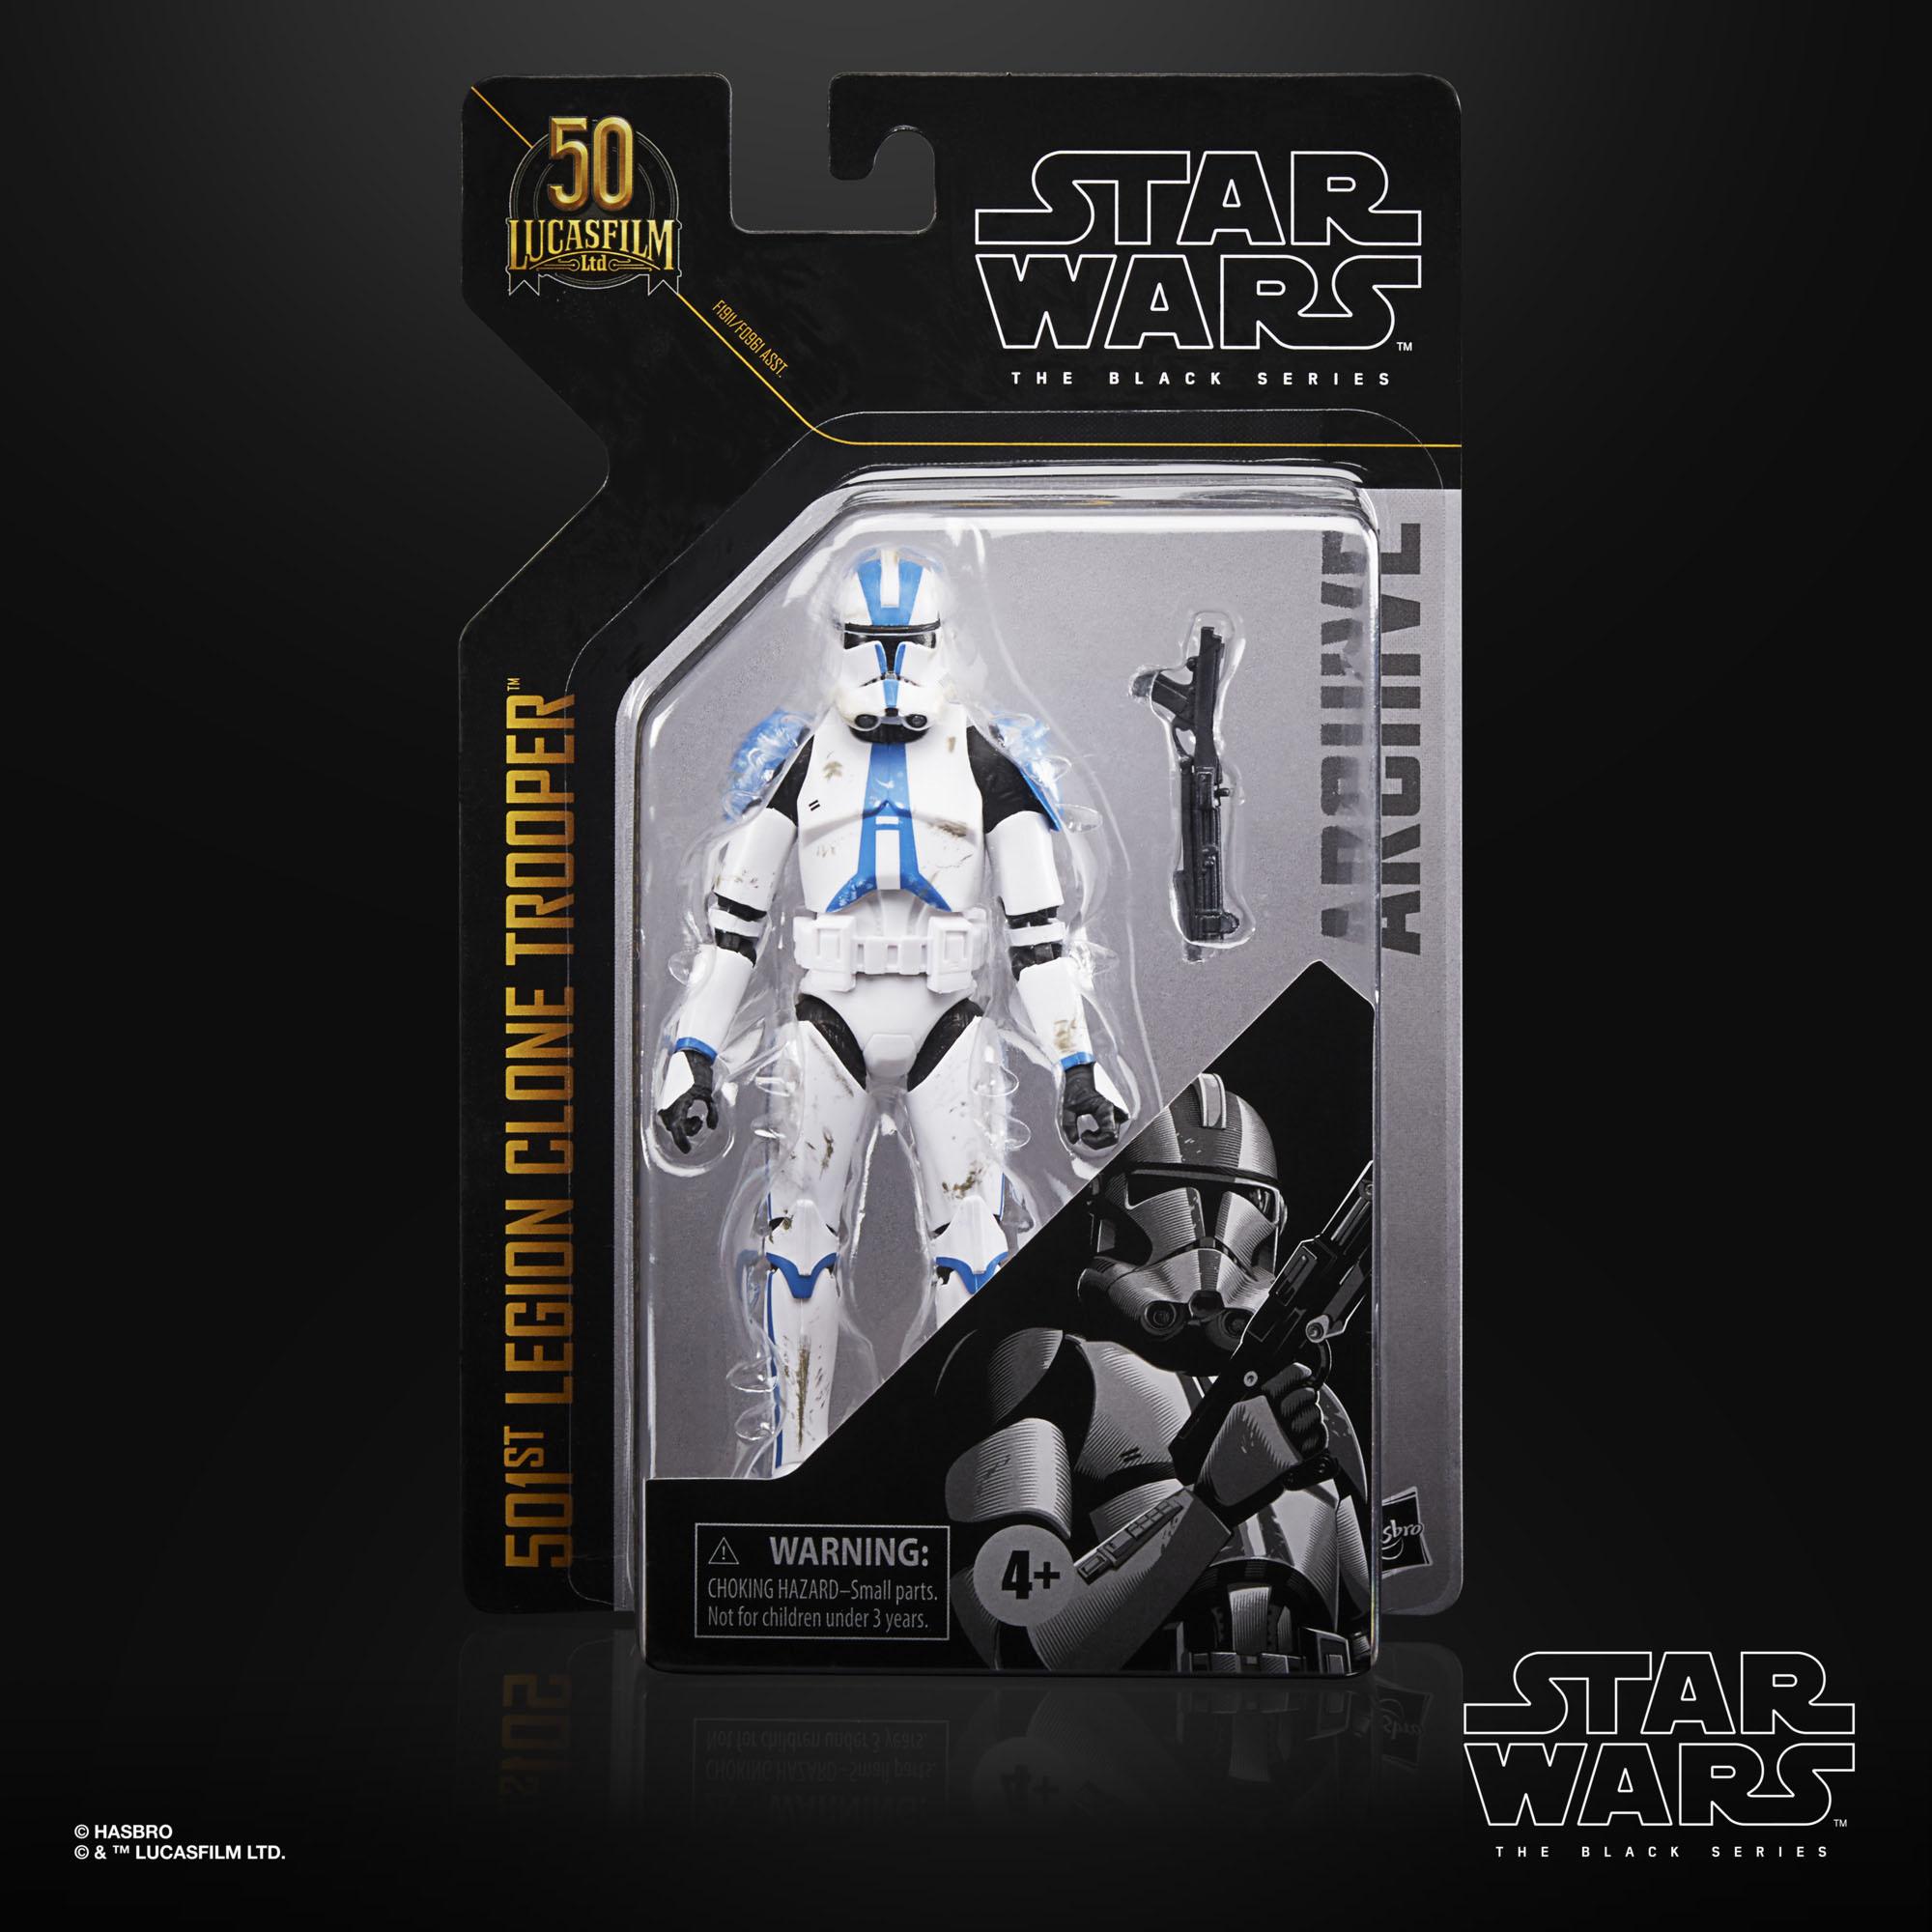 Star Wars The Black Series Archive 501st Legion Clone Trooper F19115X0 5010993831005